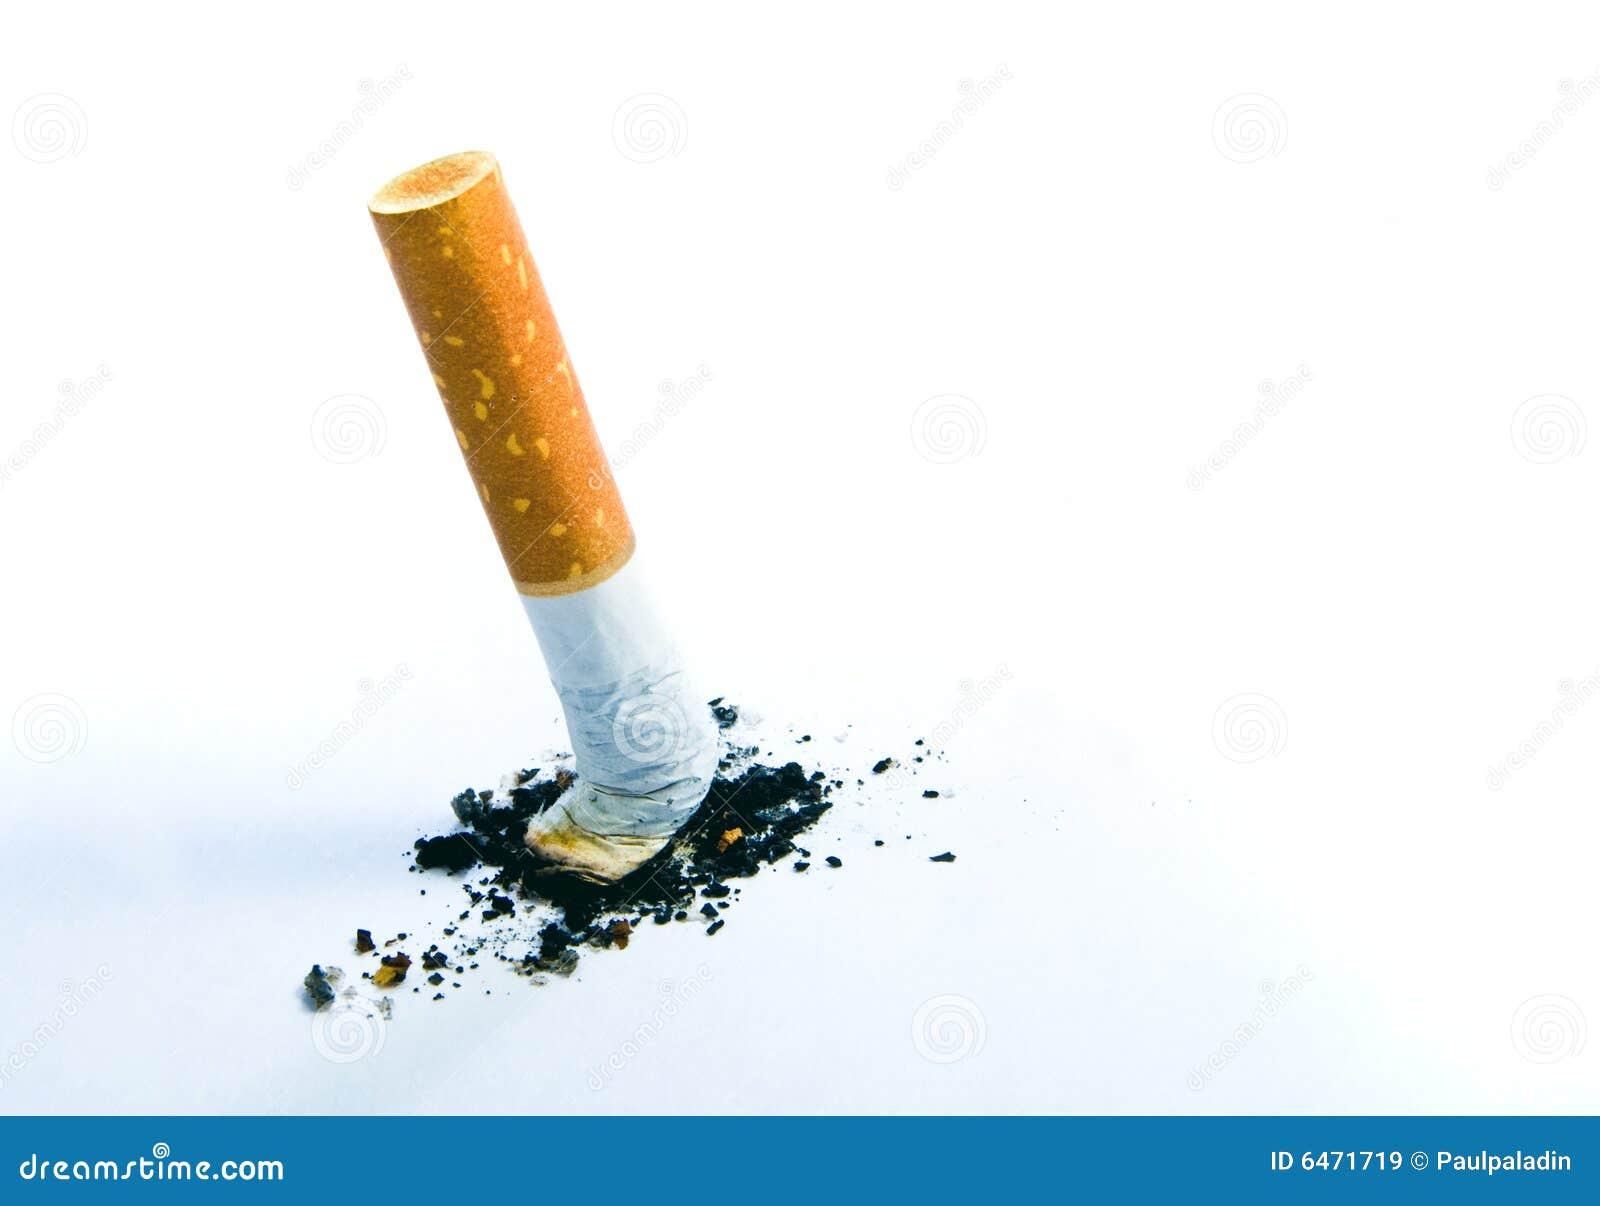 Tyłek papierosa